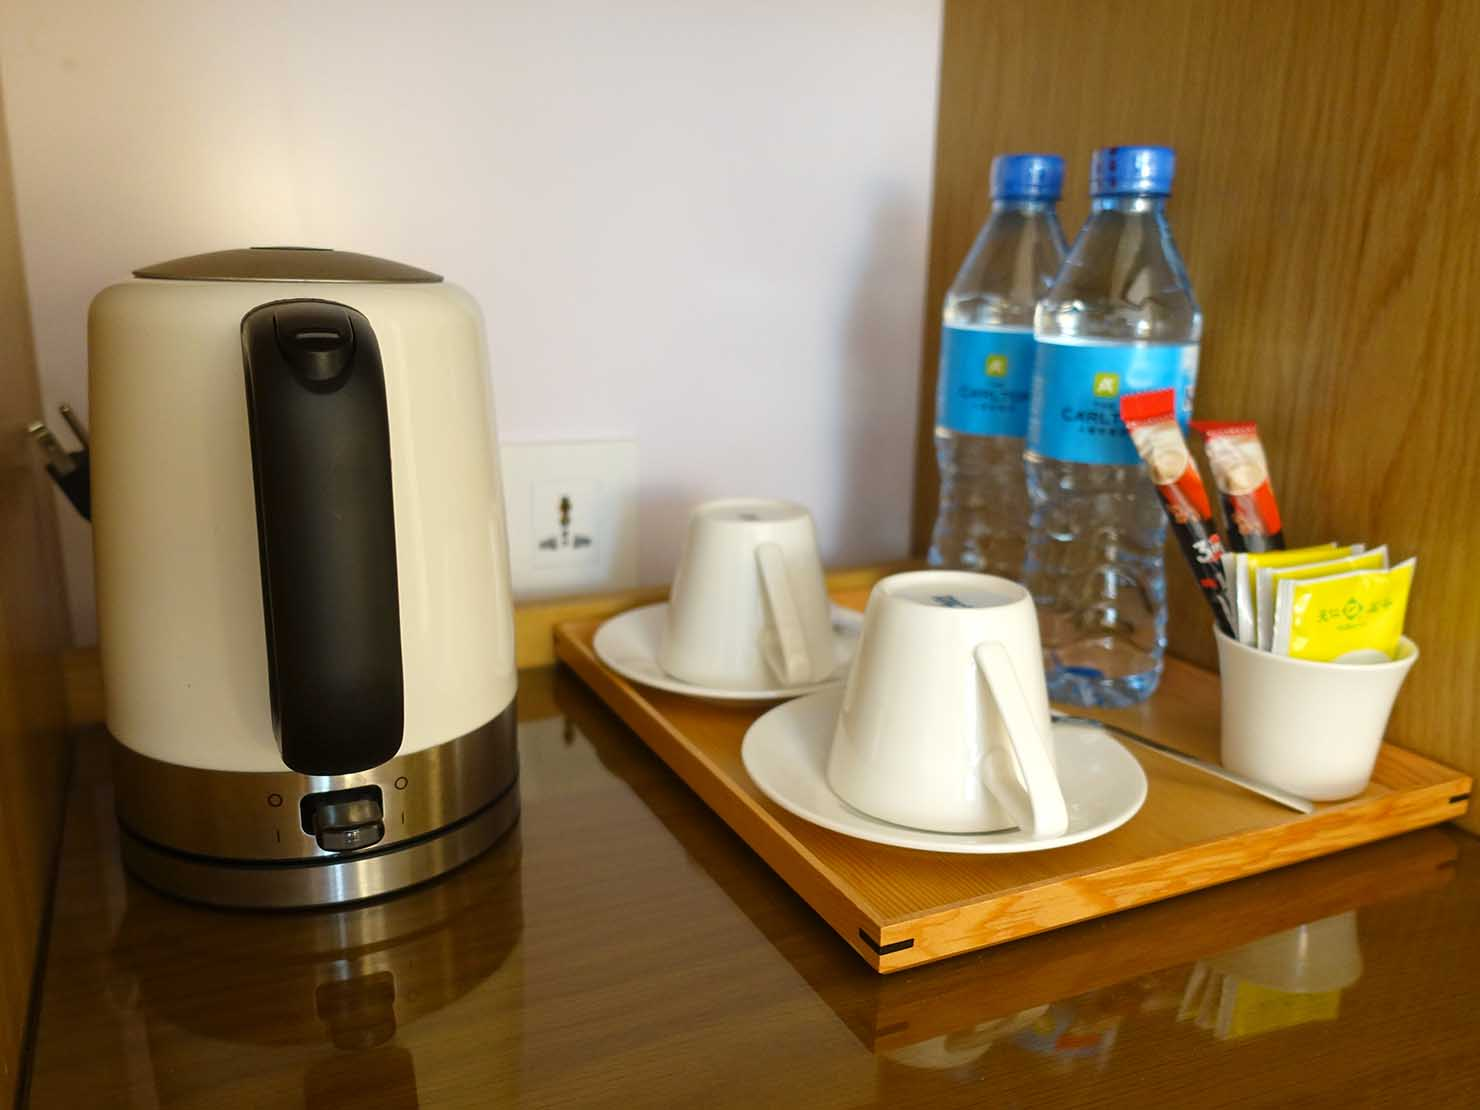 台中のおすすめホテル「卡爾登飯店 The Carlton」デラックスダブルルームのポットとティーバッグ